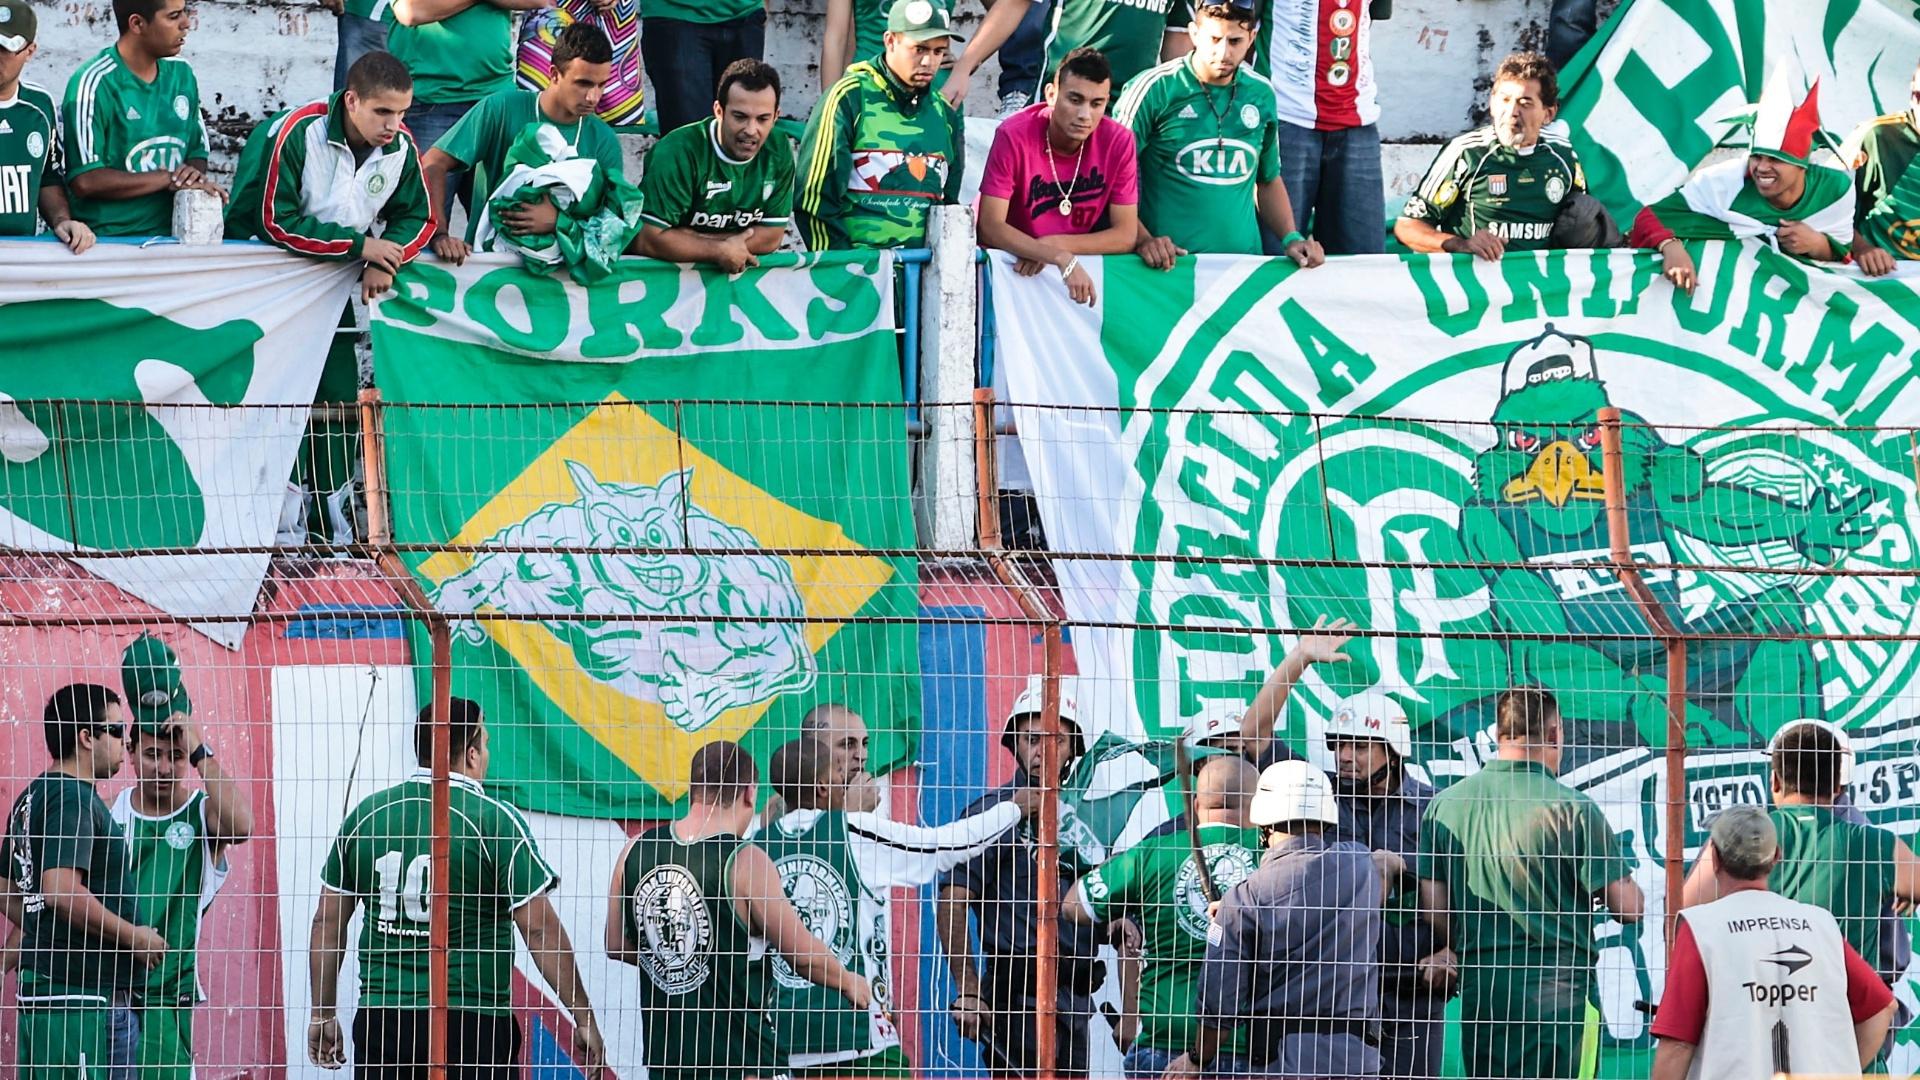 27-07-2013 - Torcedores do Palmeiras entraram em confronto antes da partida contra o Guaratinguetá